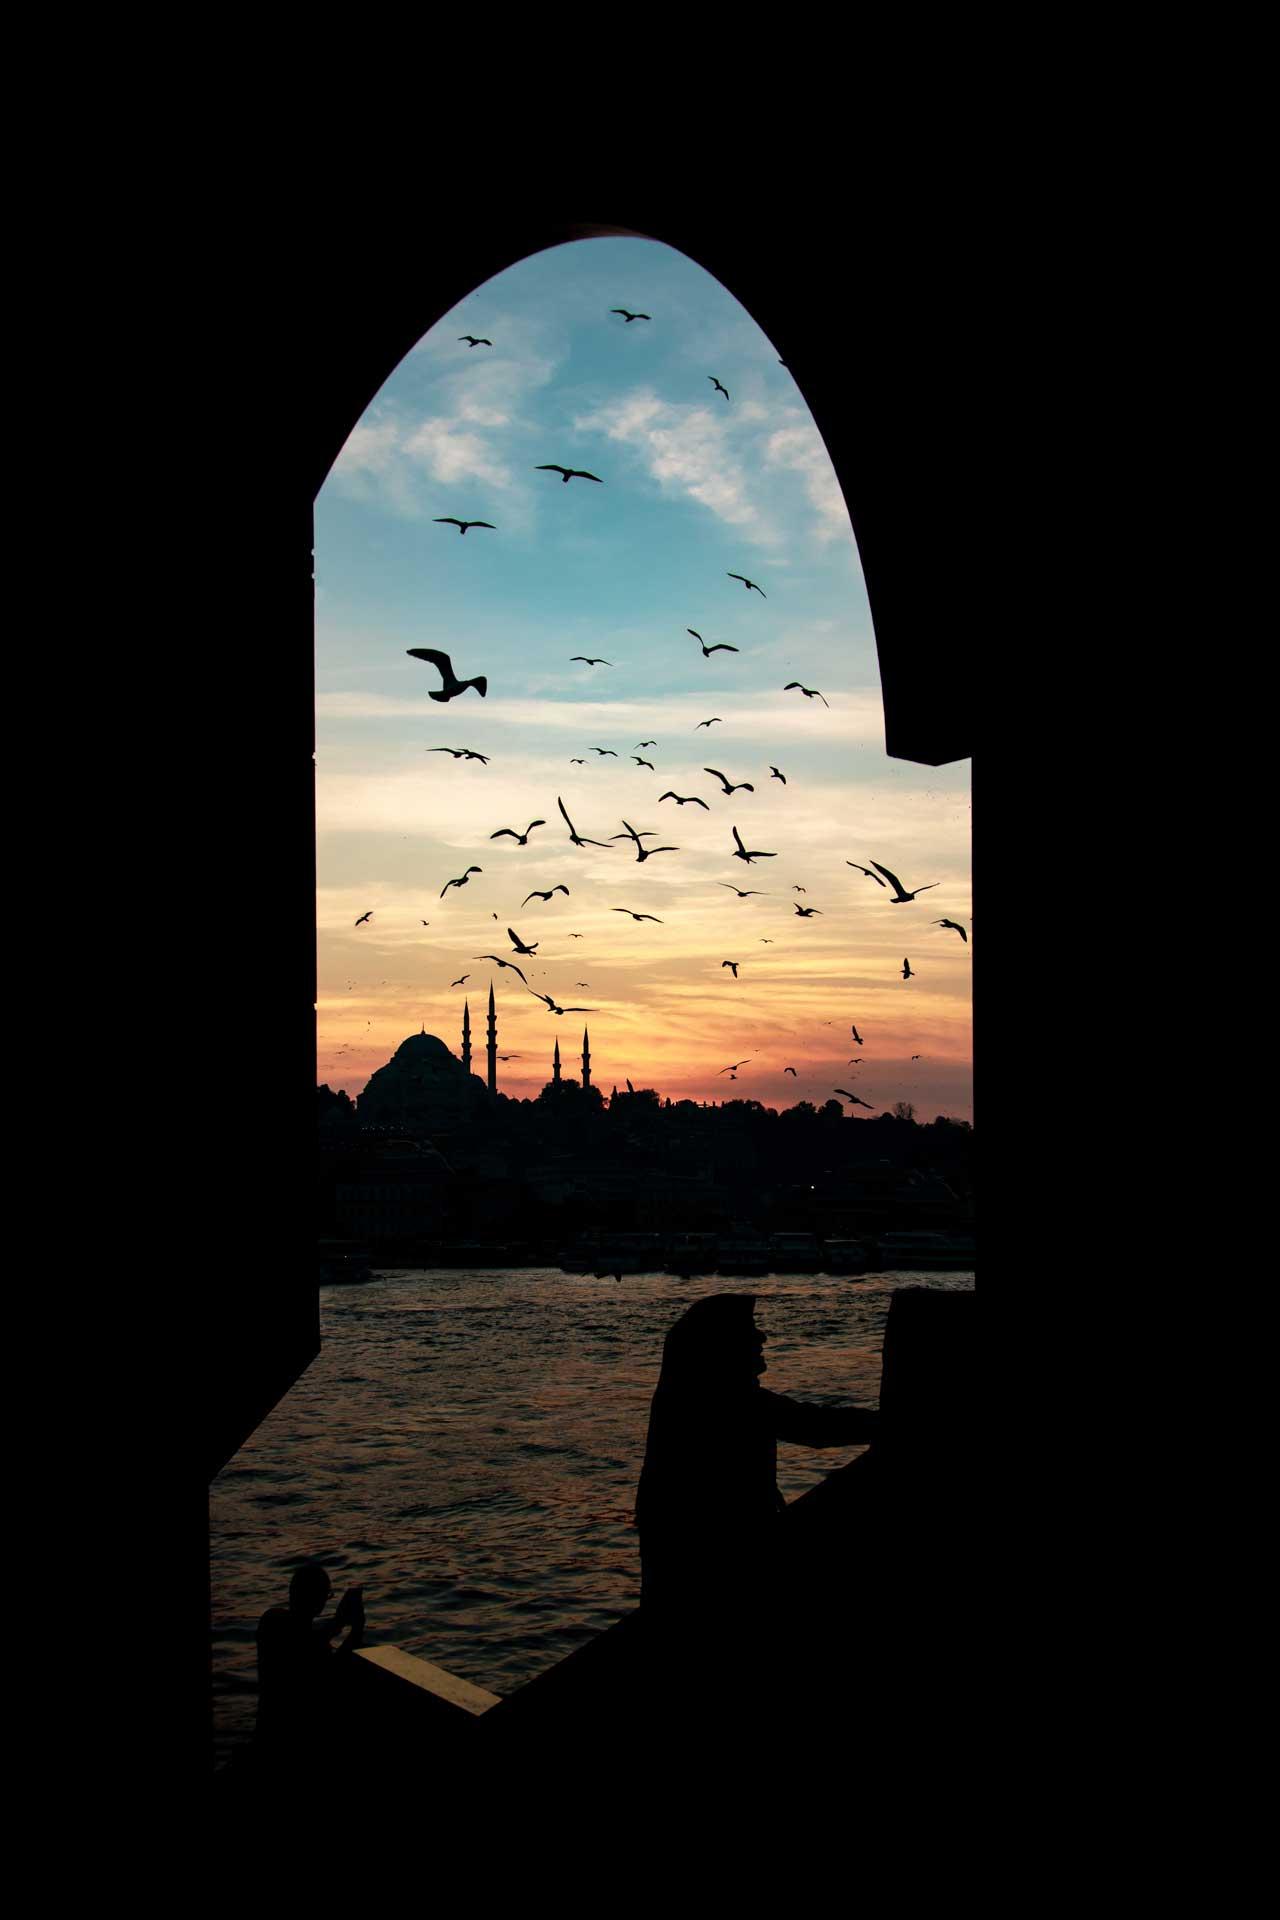 Sultanahmet Camii ve Martılar İstanbul Fotoğrafları Çekergezer Hakan Aydın Fotoğrafları www.cekergezer.com